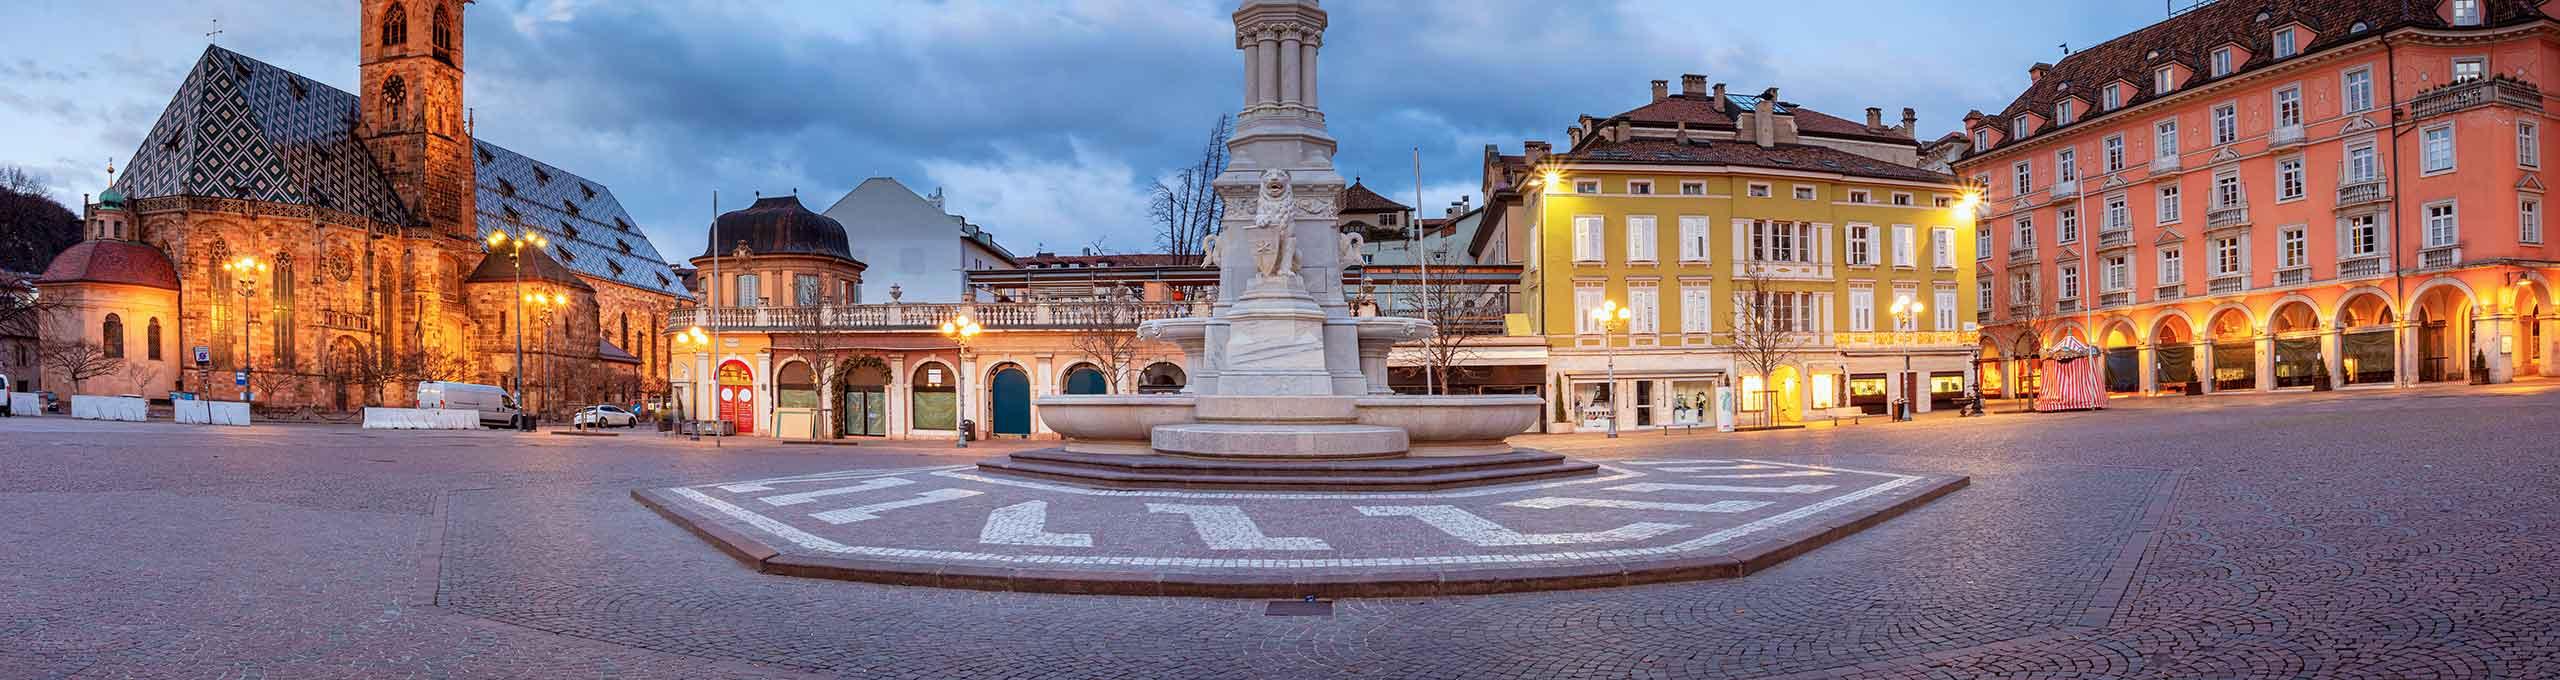 Piazza Walther centro di Bolzano